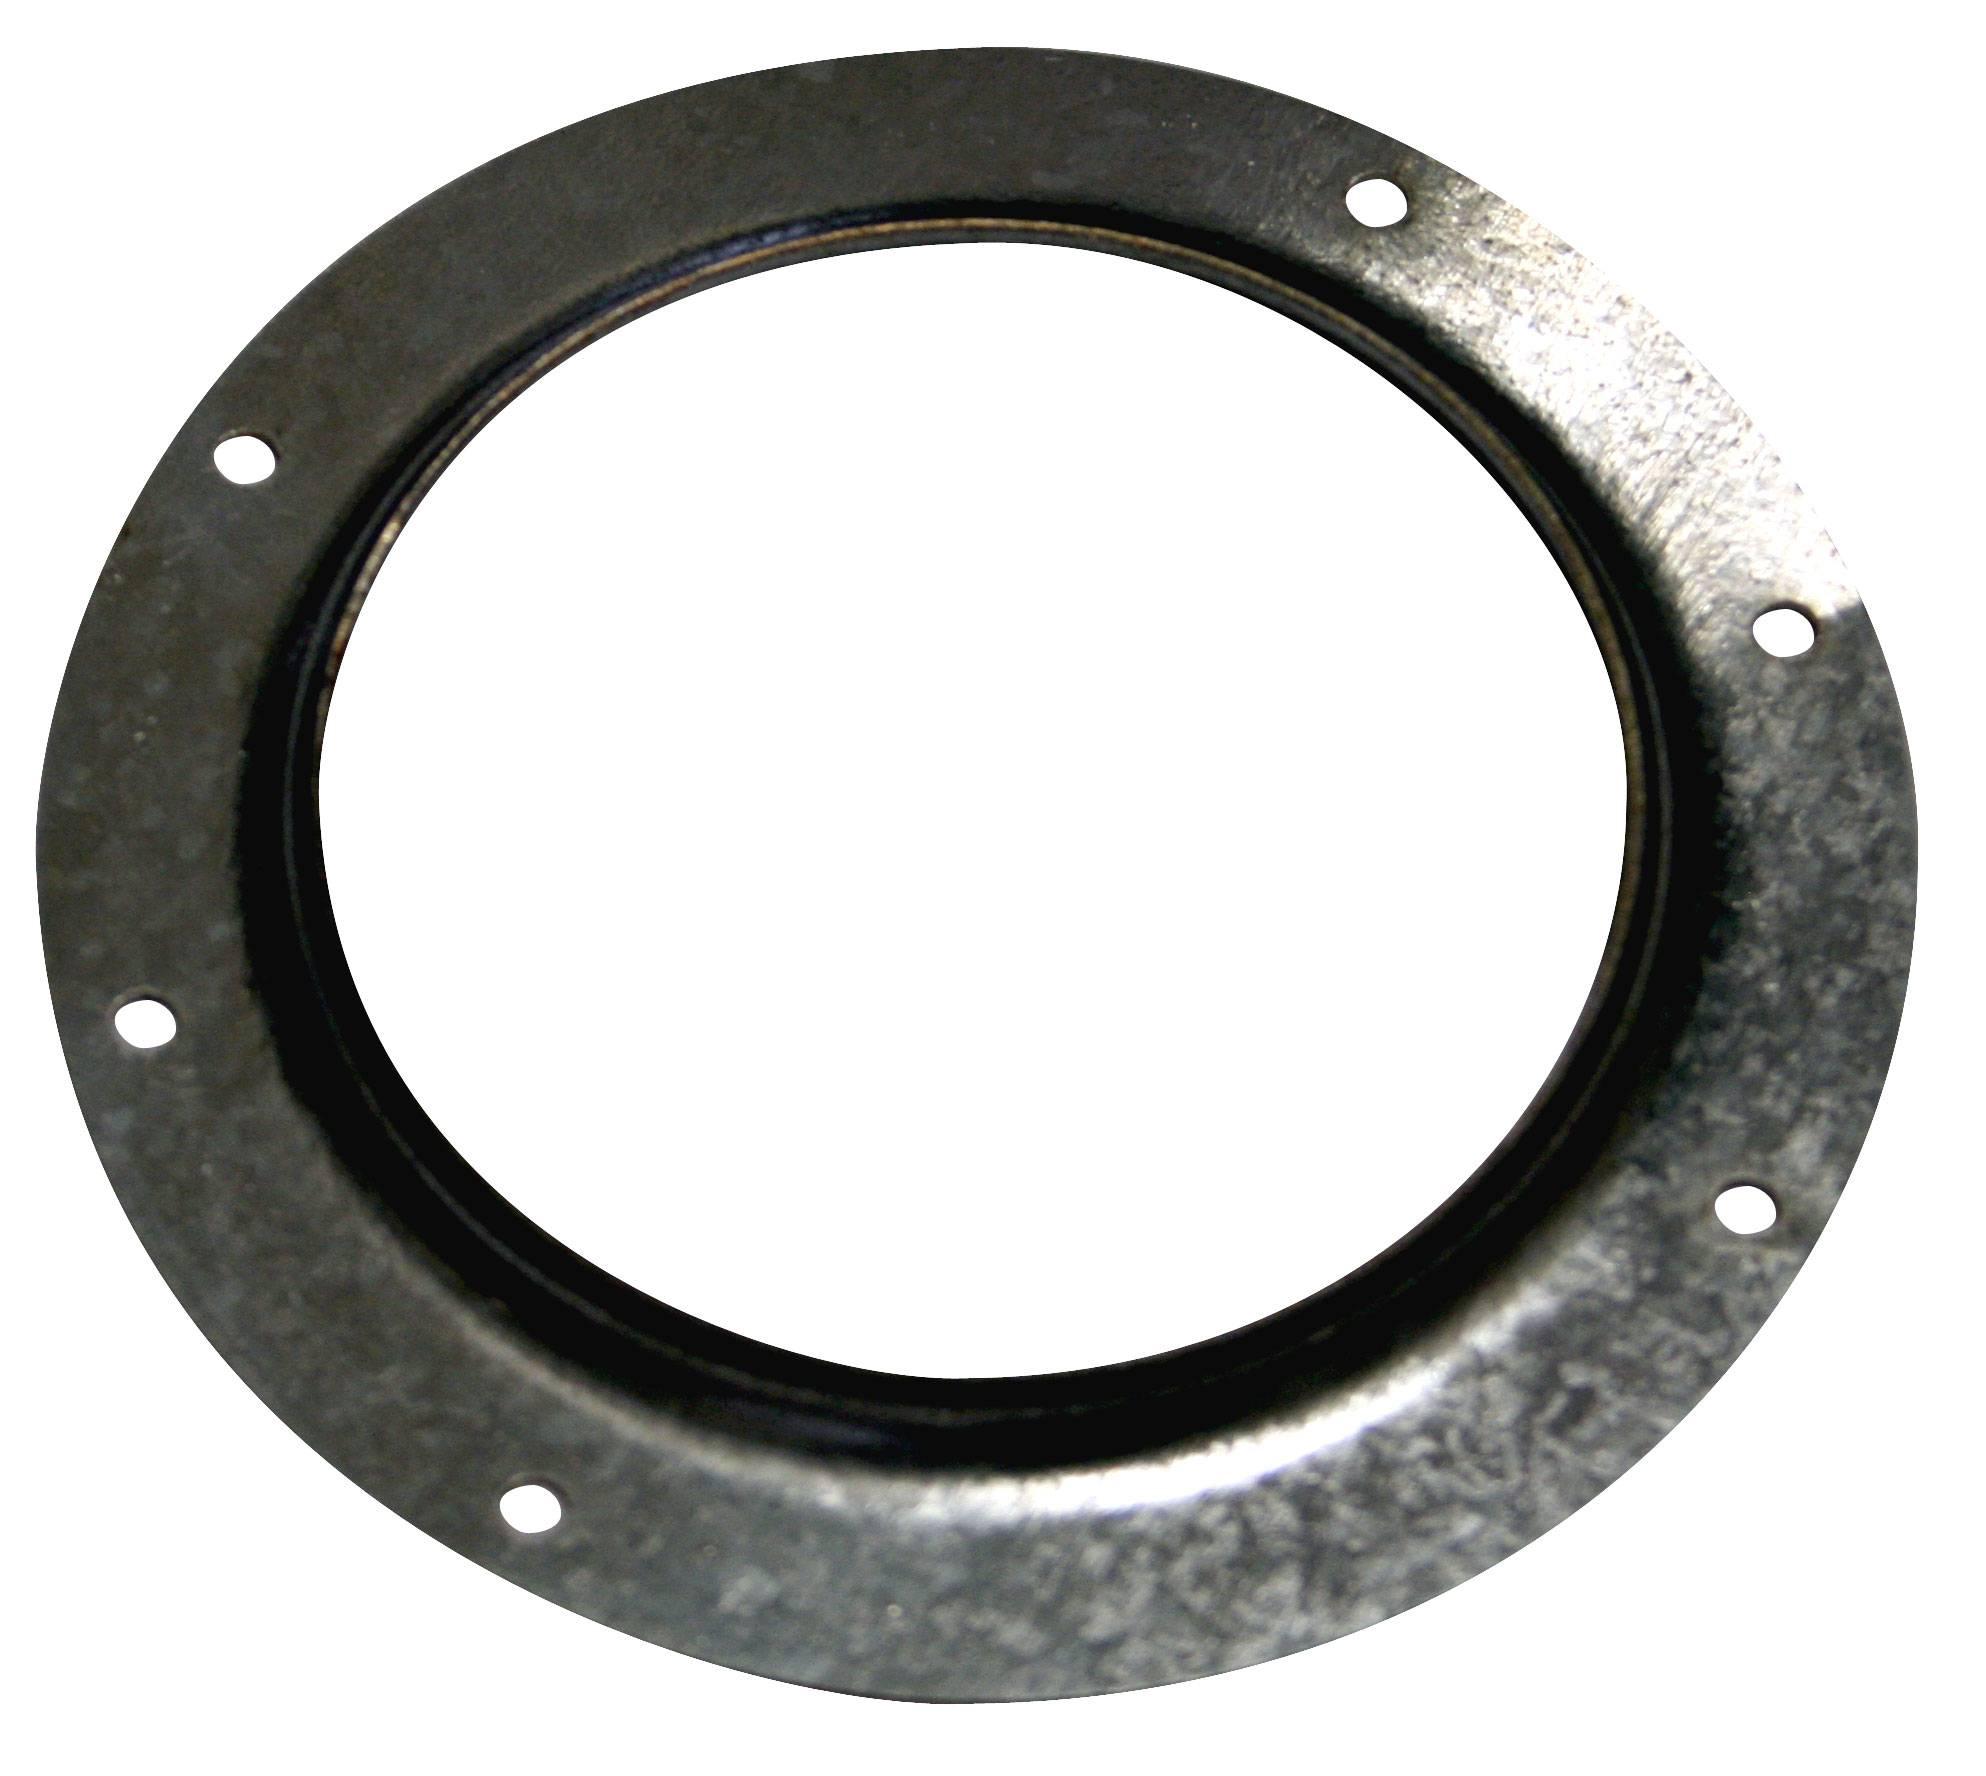 Ecofit 16203 16203, (Ø x v) 129 mm x 8 mm